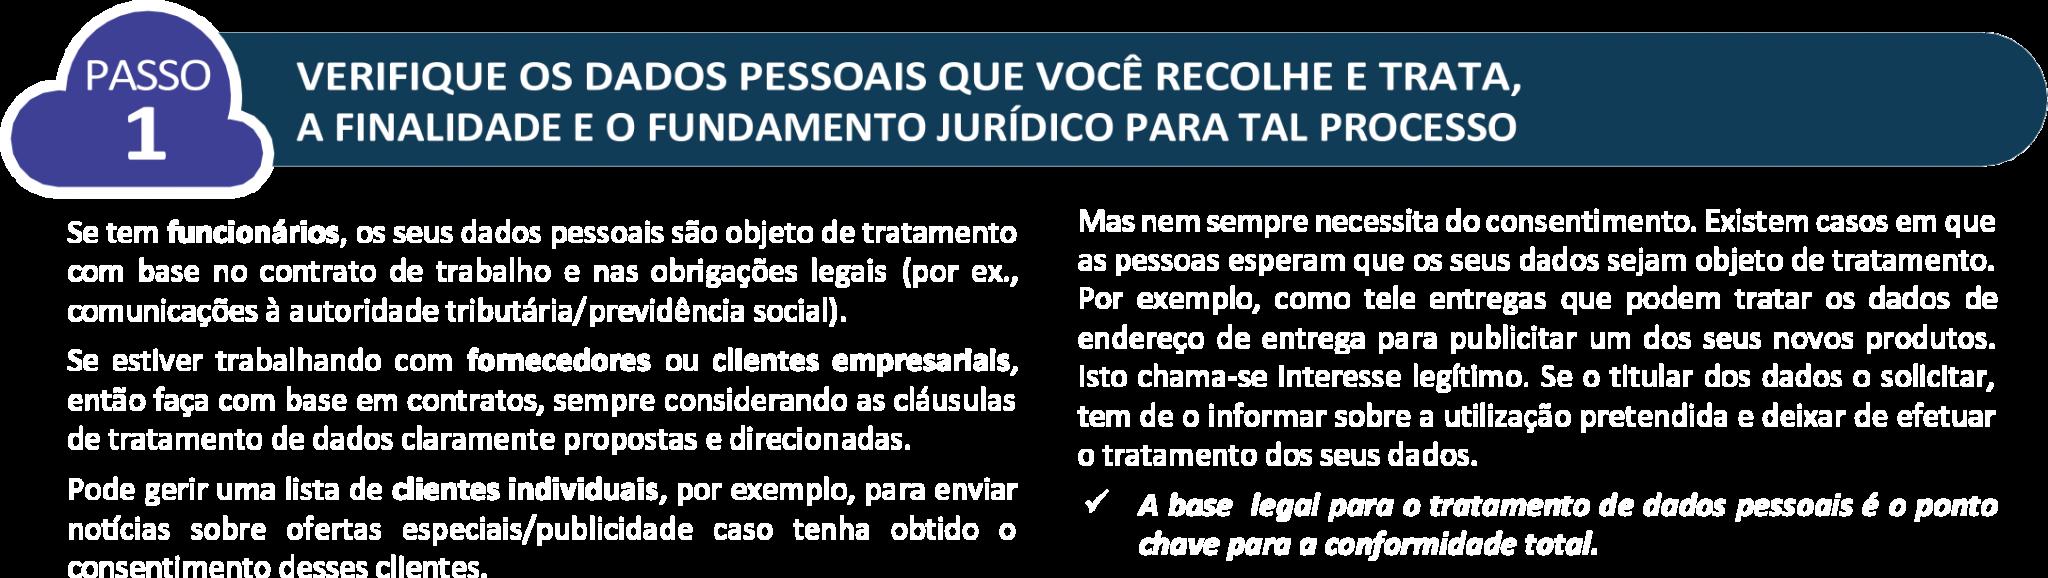 ETAPA1_Branco-3-2048x578